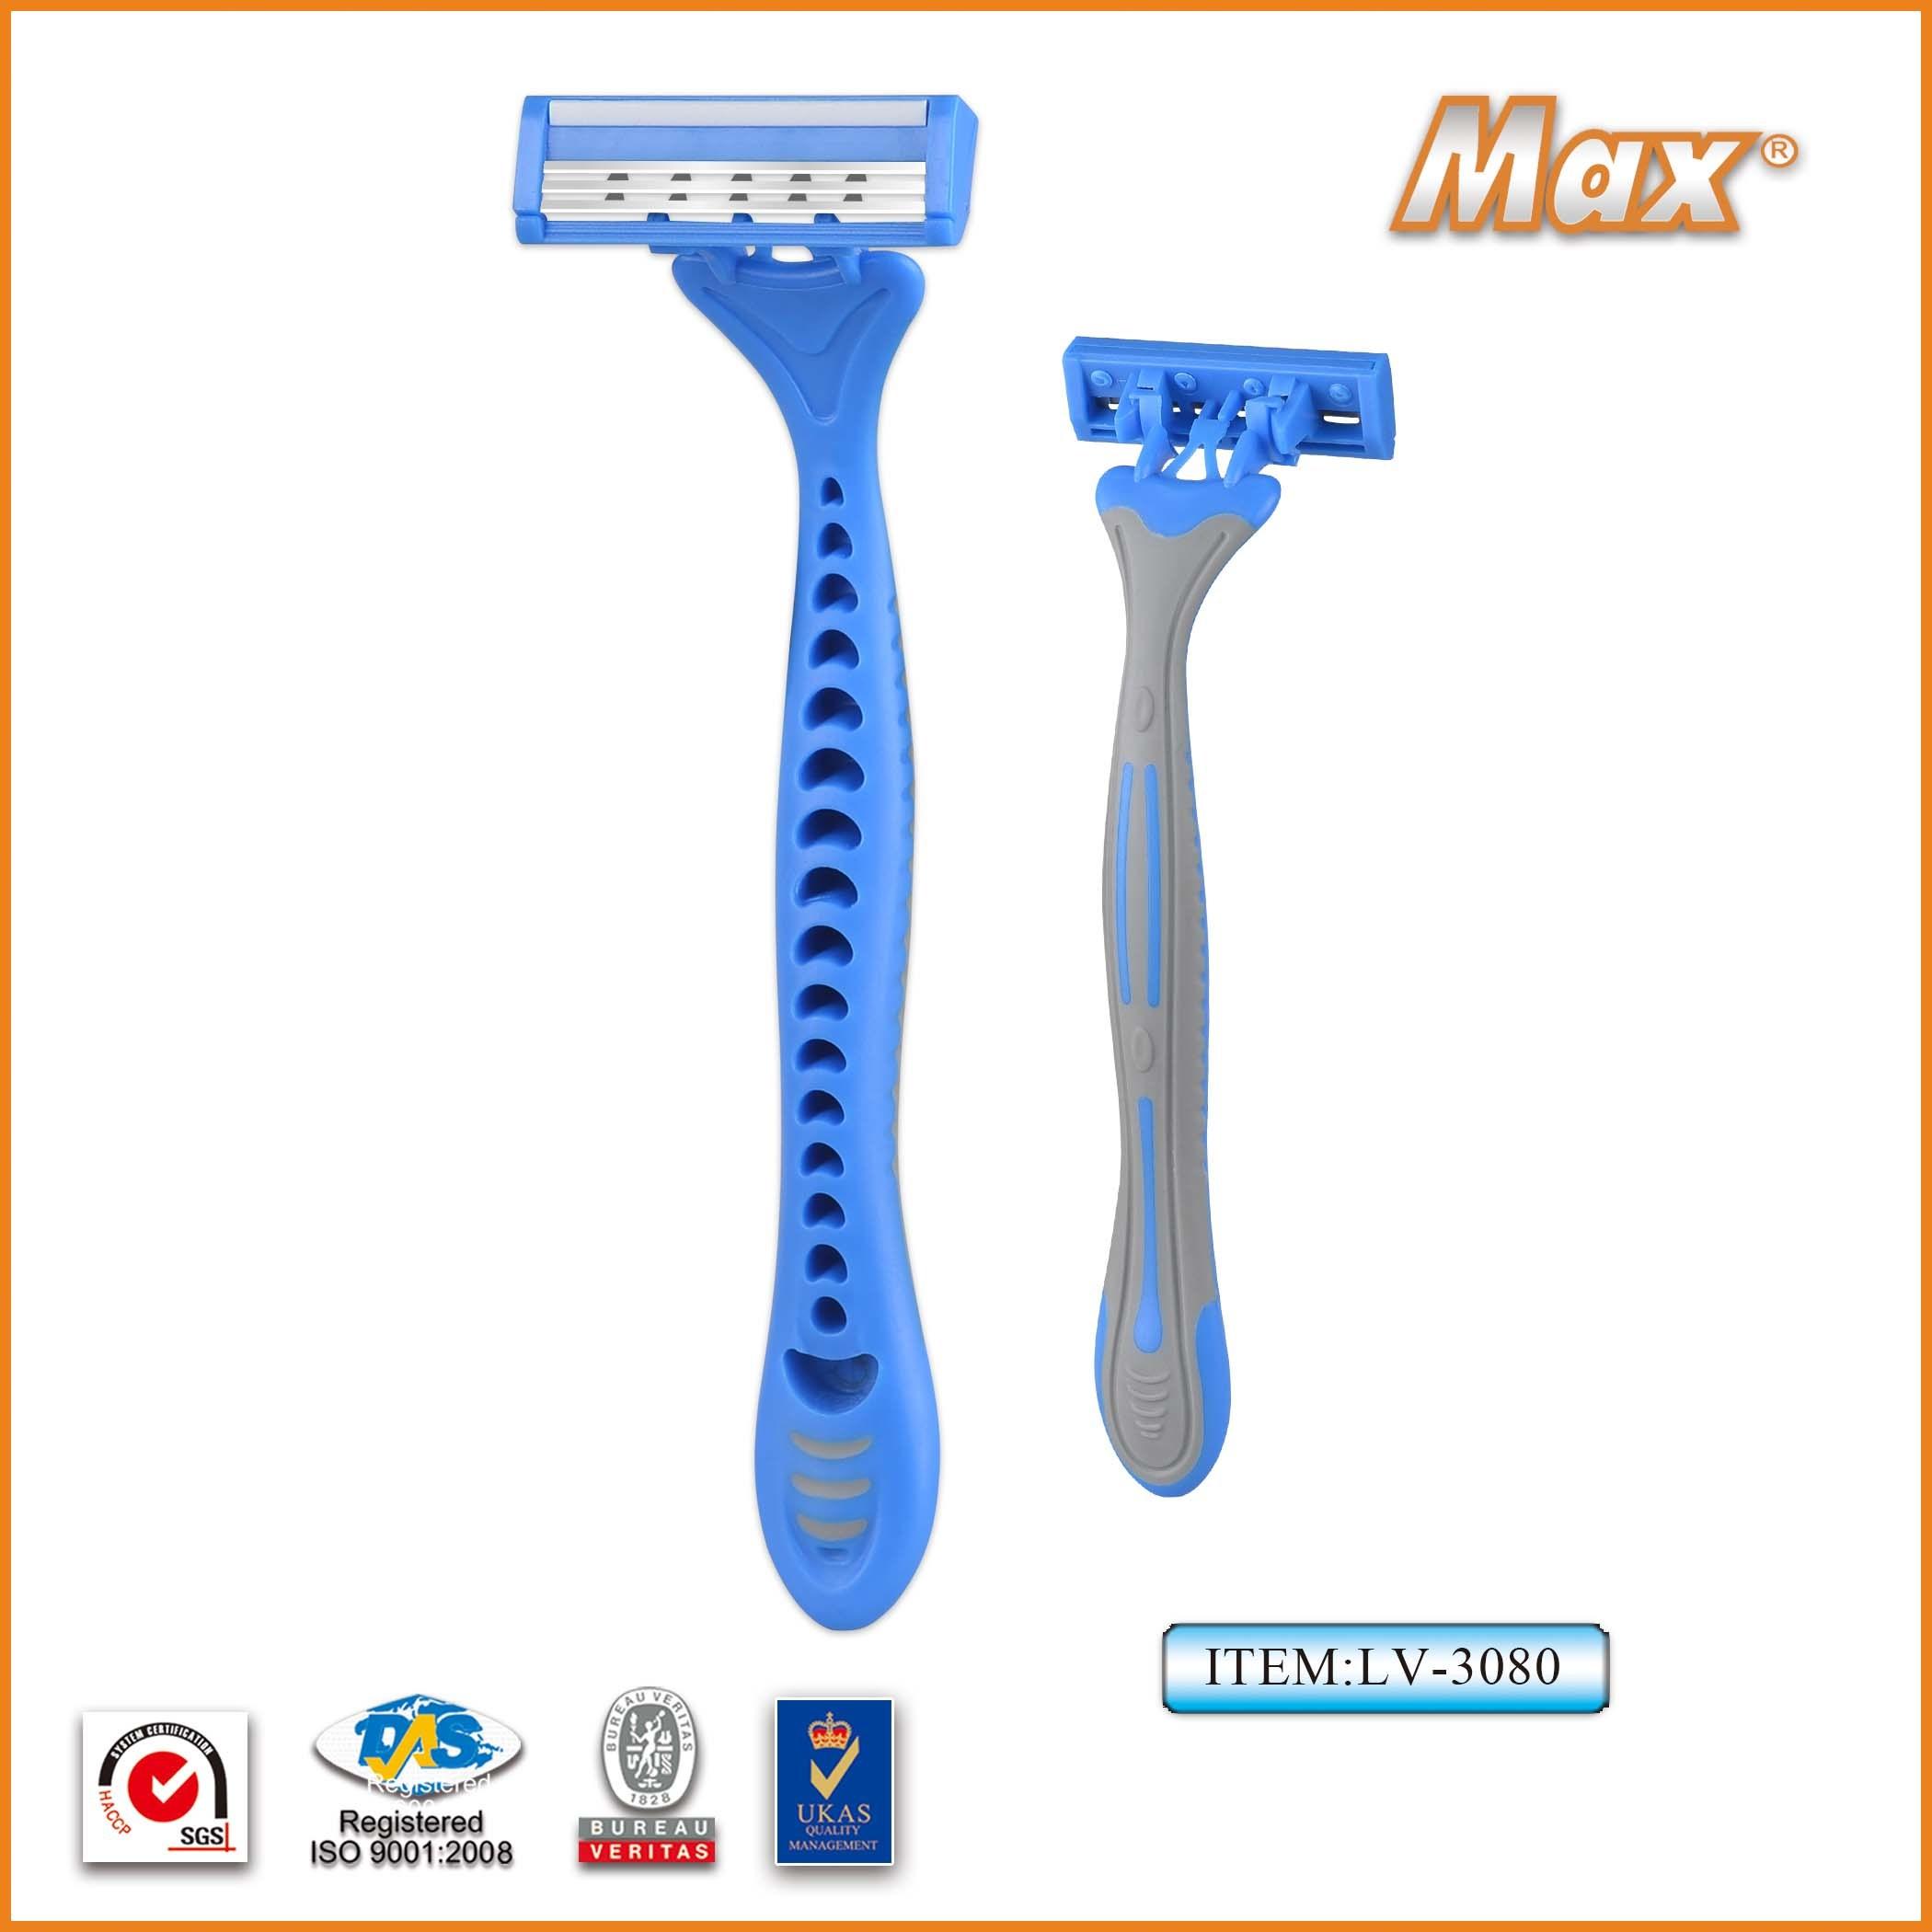 Triple Blade Stainless Steel Blade Disposable Shaving Razor